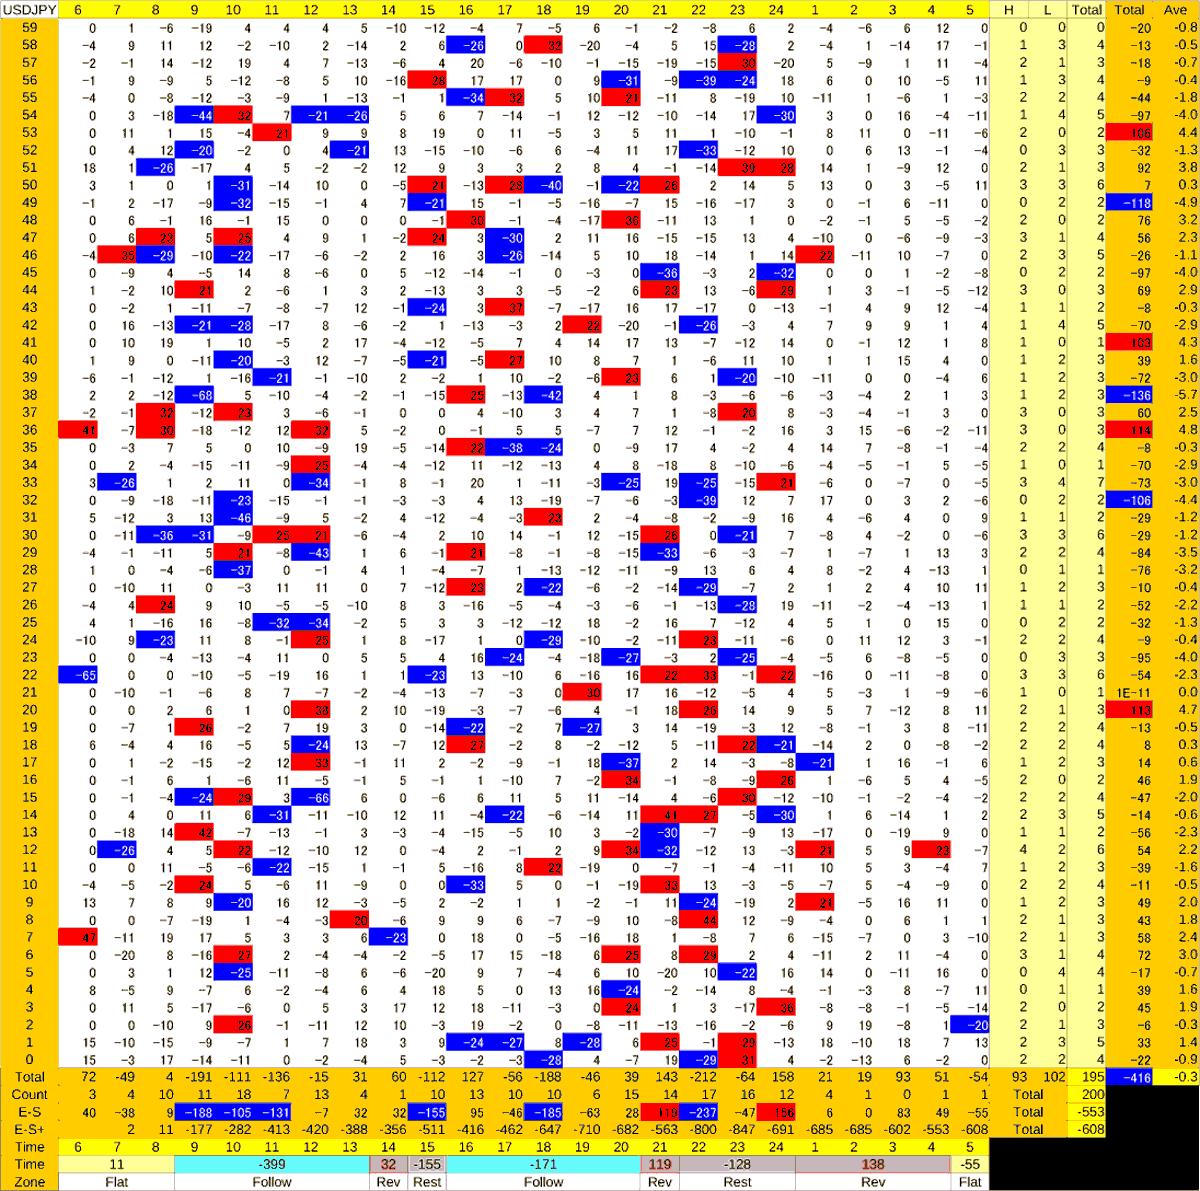 20200727_HS(1)USDJPY